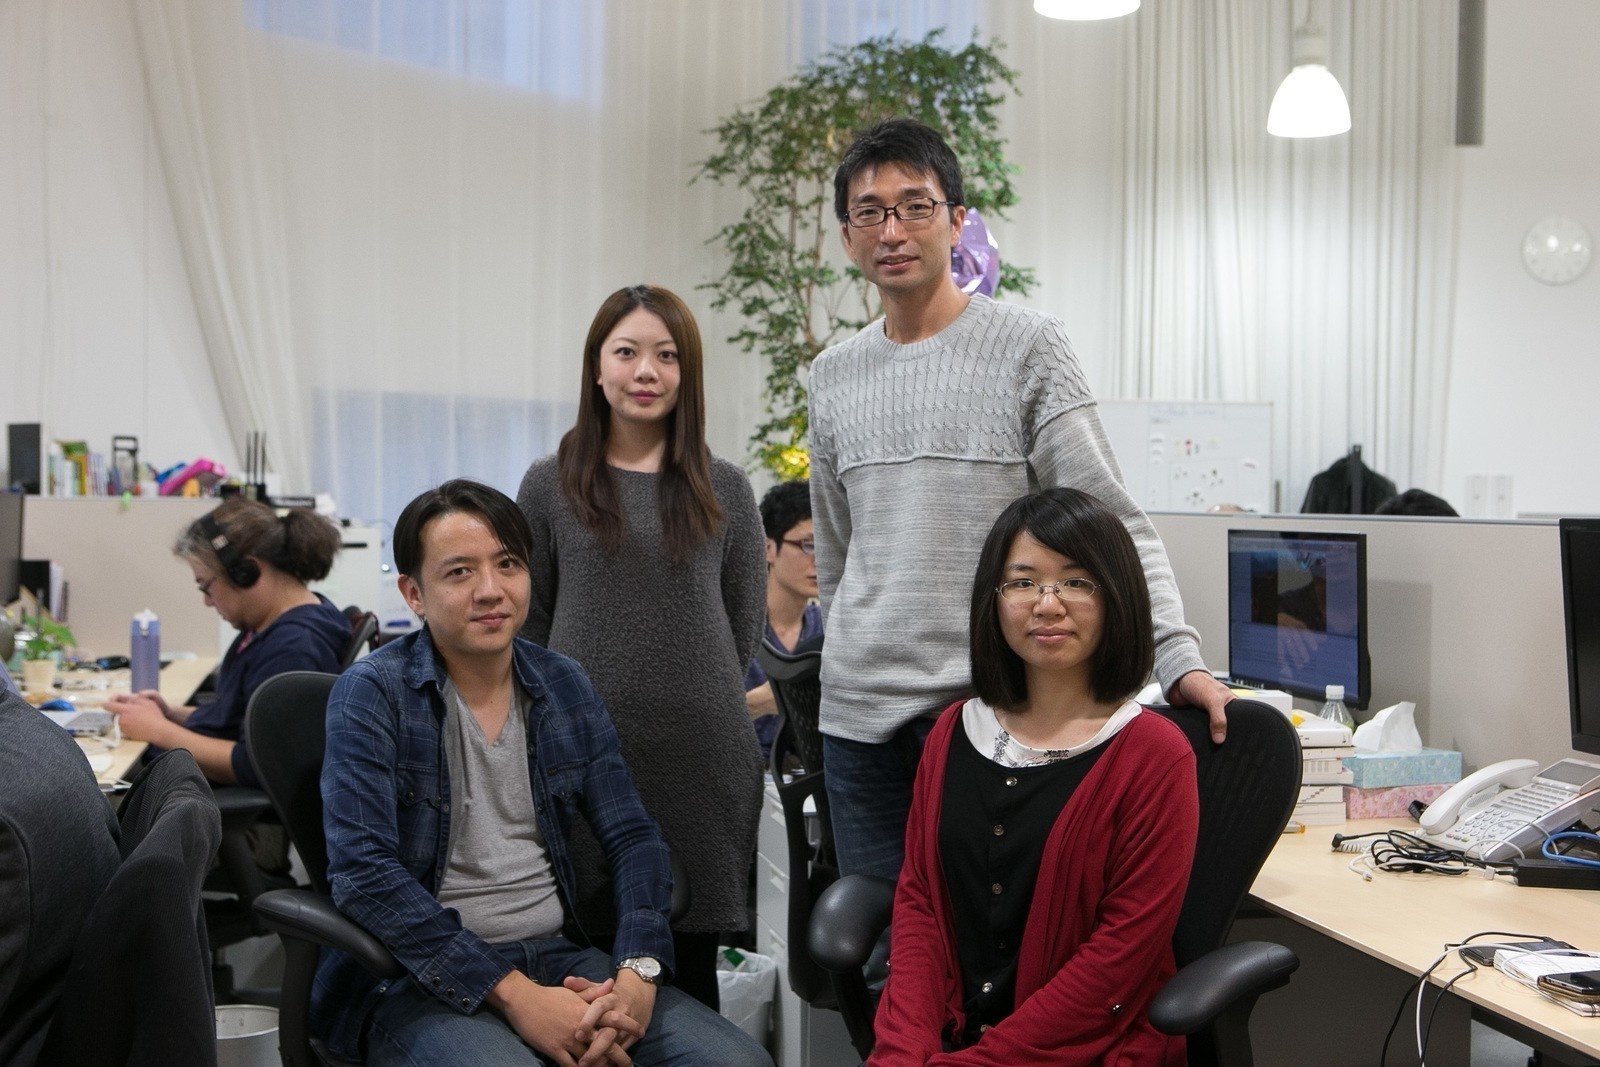 新規タイトル立ち上げメンバー募集!2Dソーシャルゲームを開発するゲームエンジニア